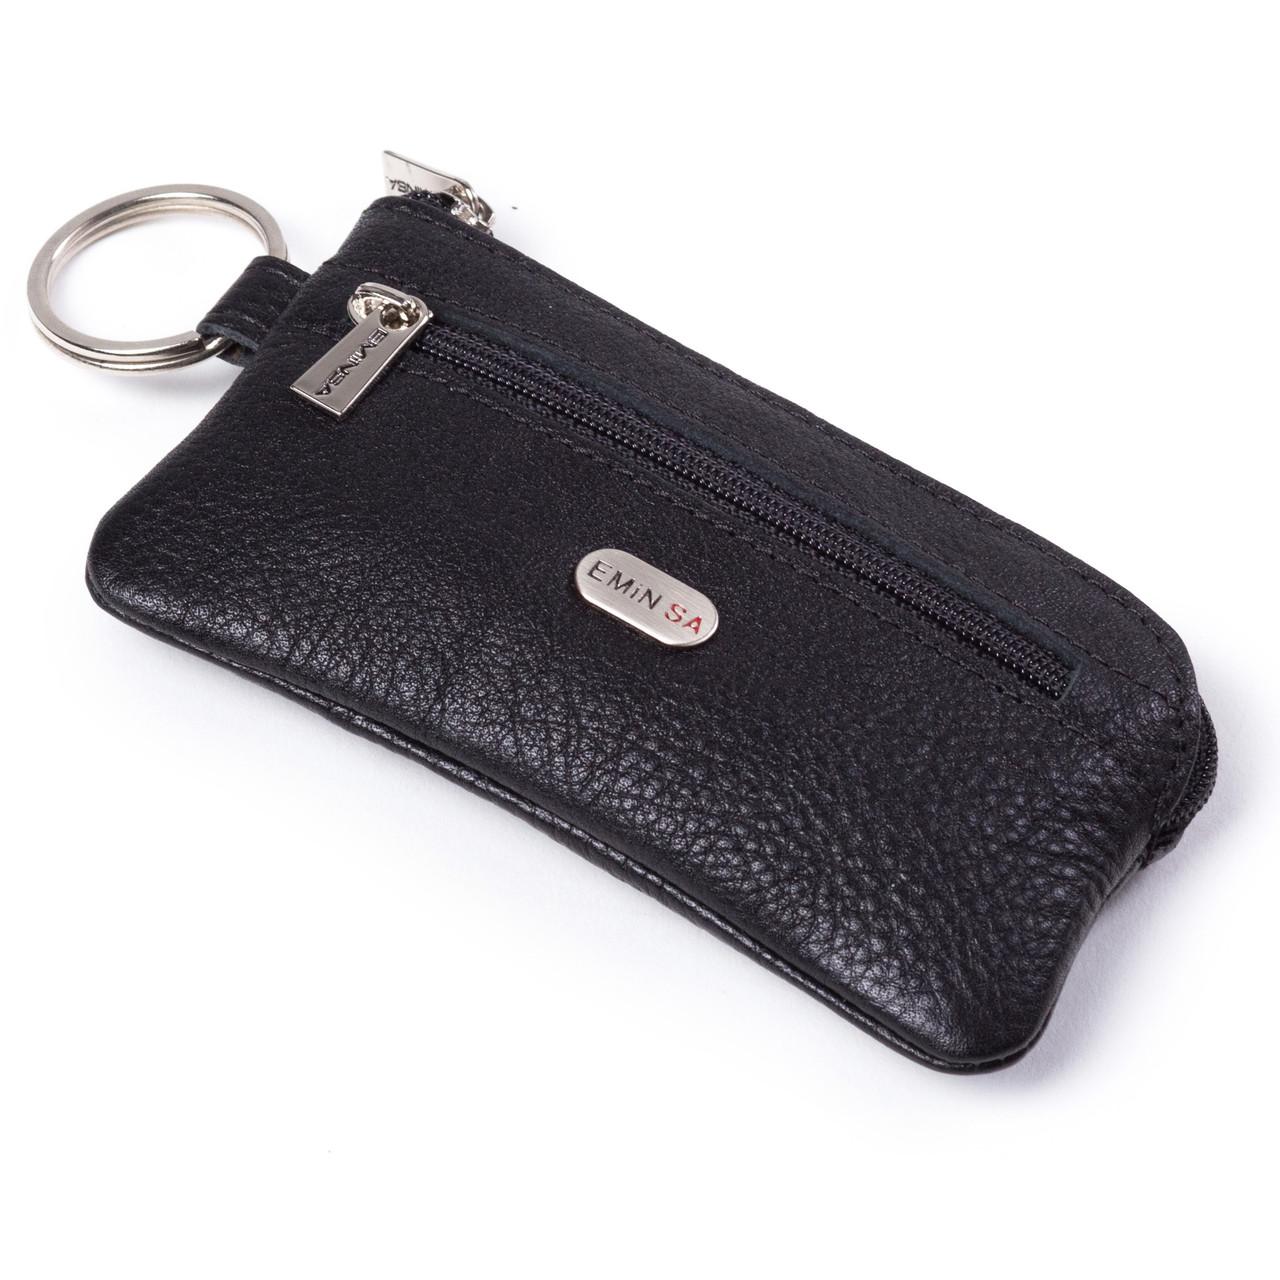 Ключница Eminsa 1502-12-1 кожаная черная